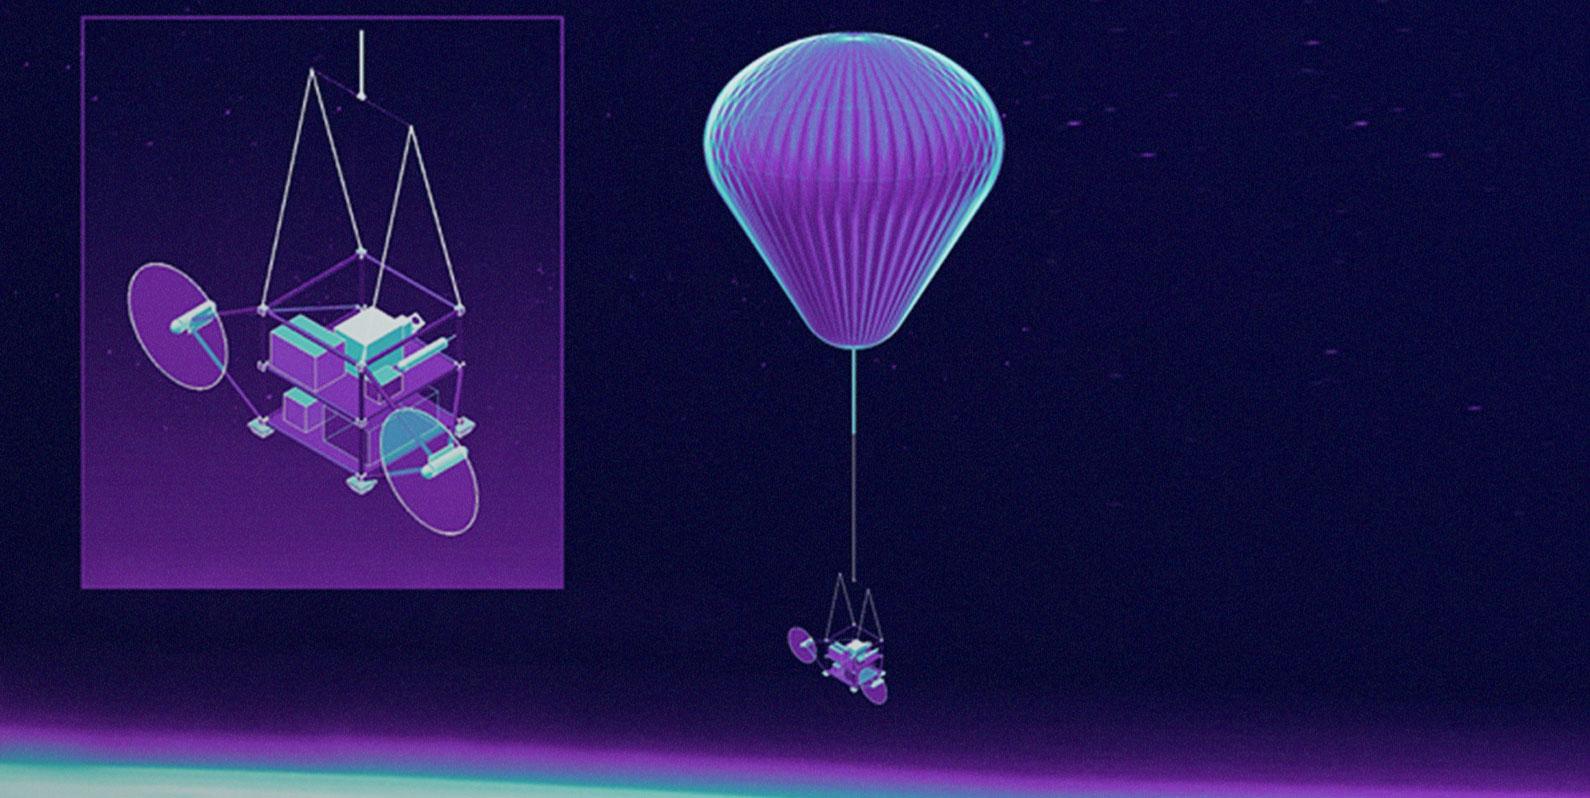 Pesquisadores de geoengenharia suspenderam os planos para o lançamento de um balão na Suécia